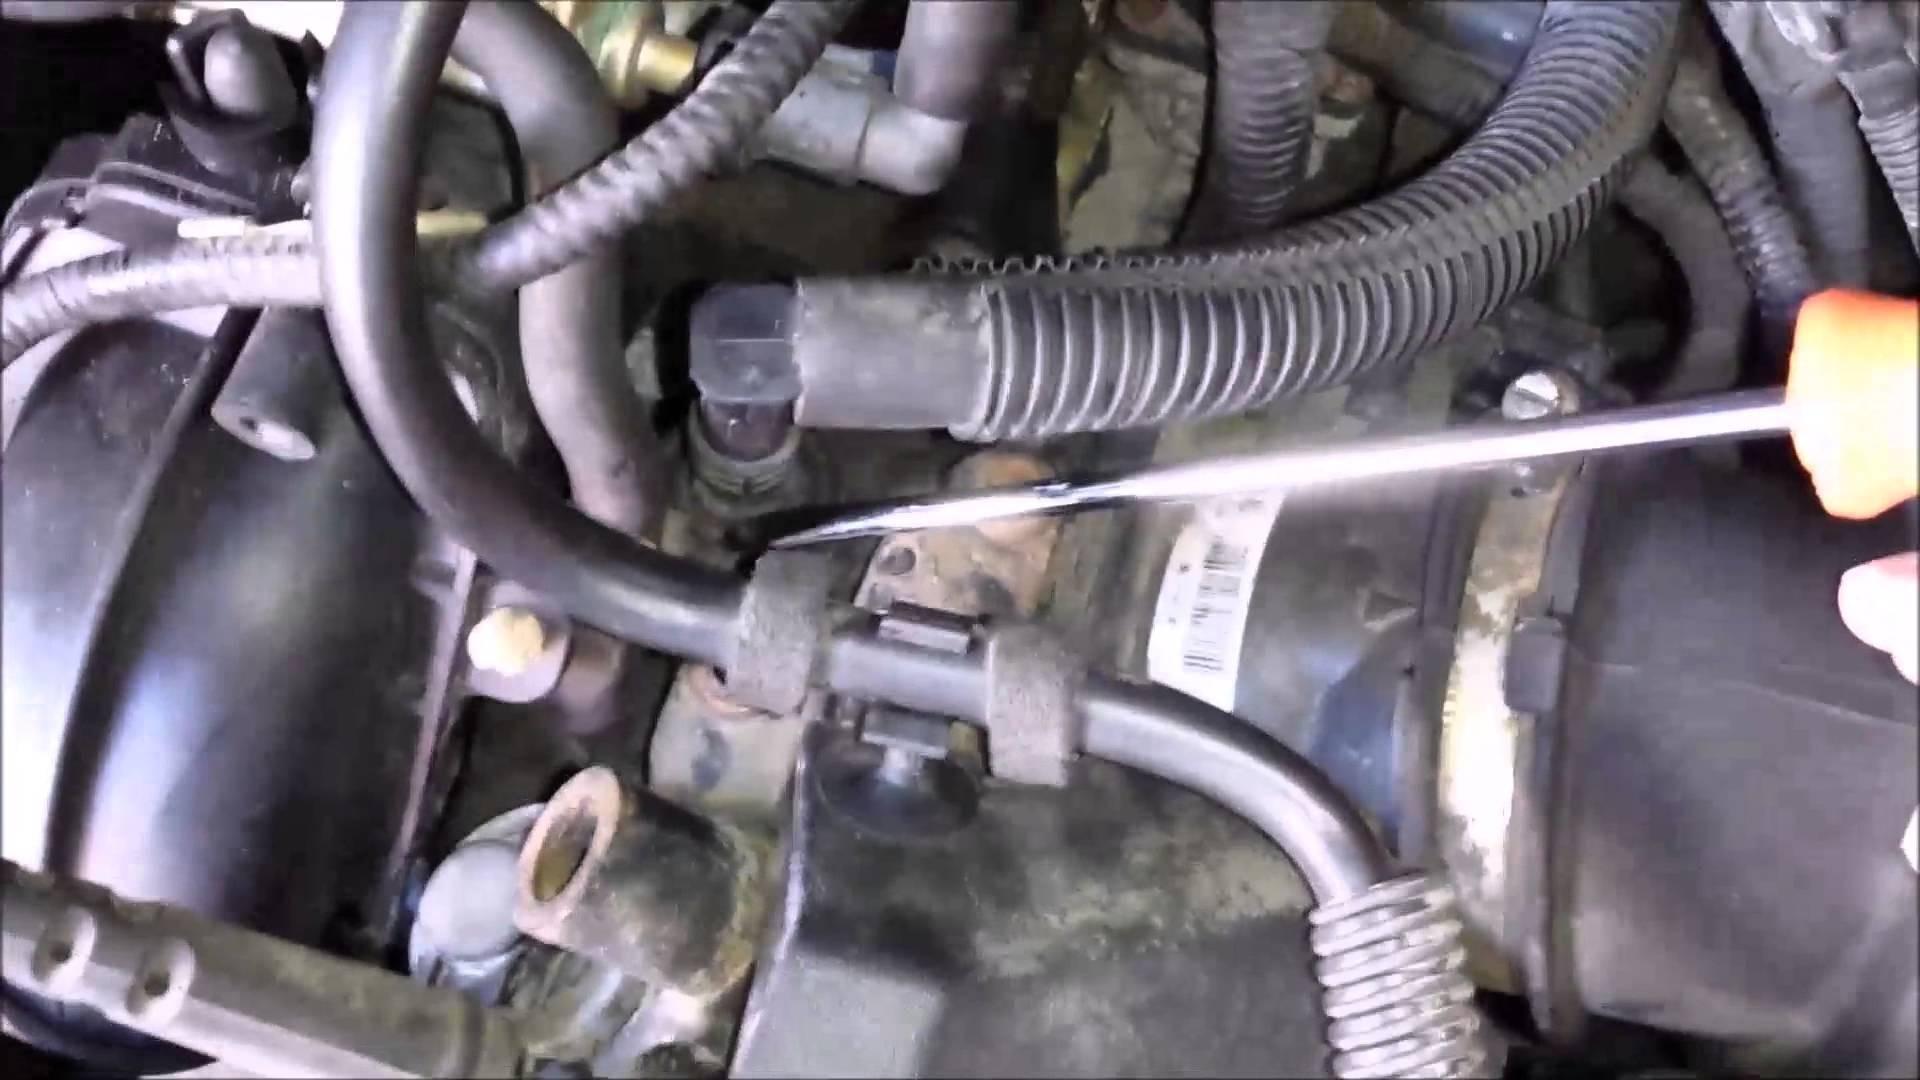 Ford Focus Zetec Engine Diagram ford Focus 2005 Pcv Hose Change Duratec Engine Of Ford Focus Zetec Engine Diagram